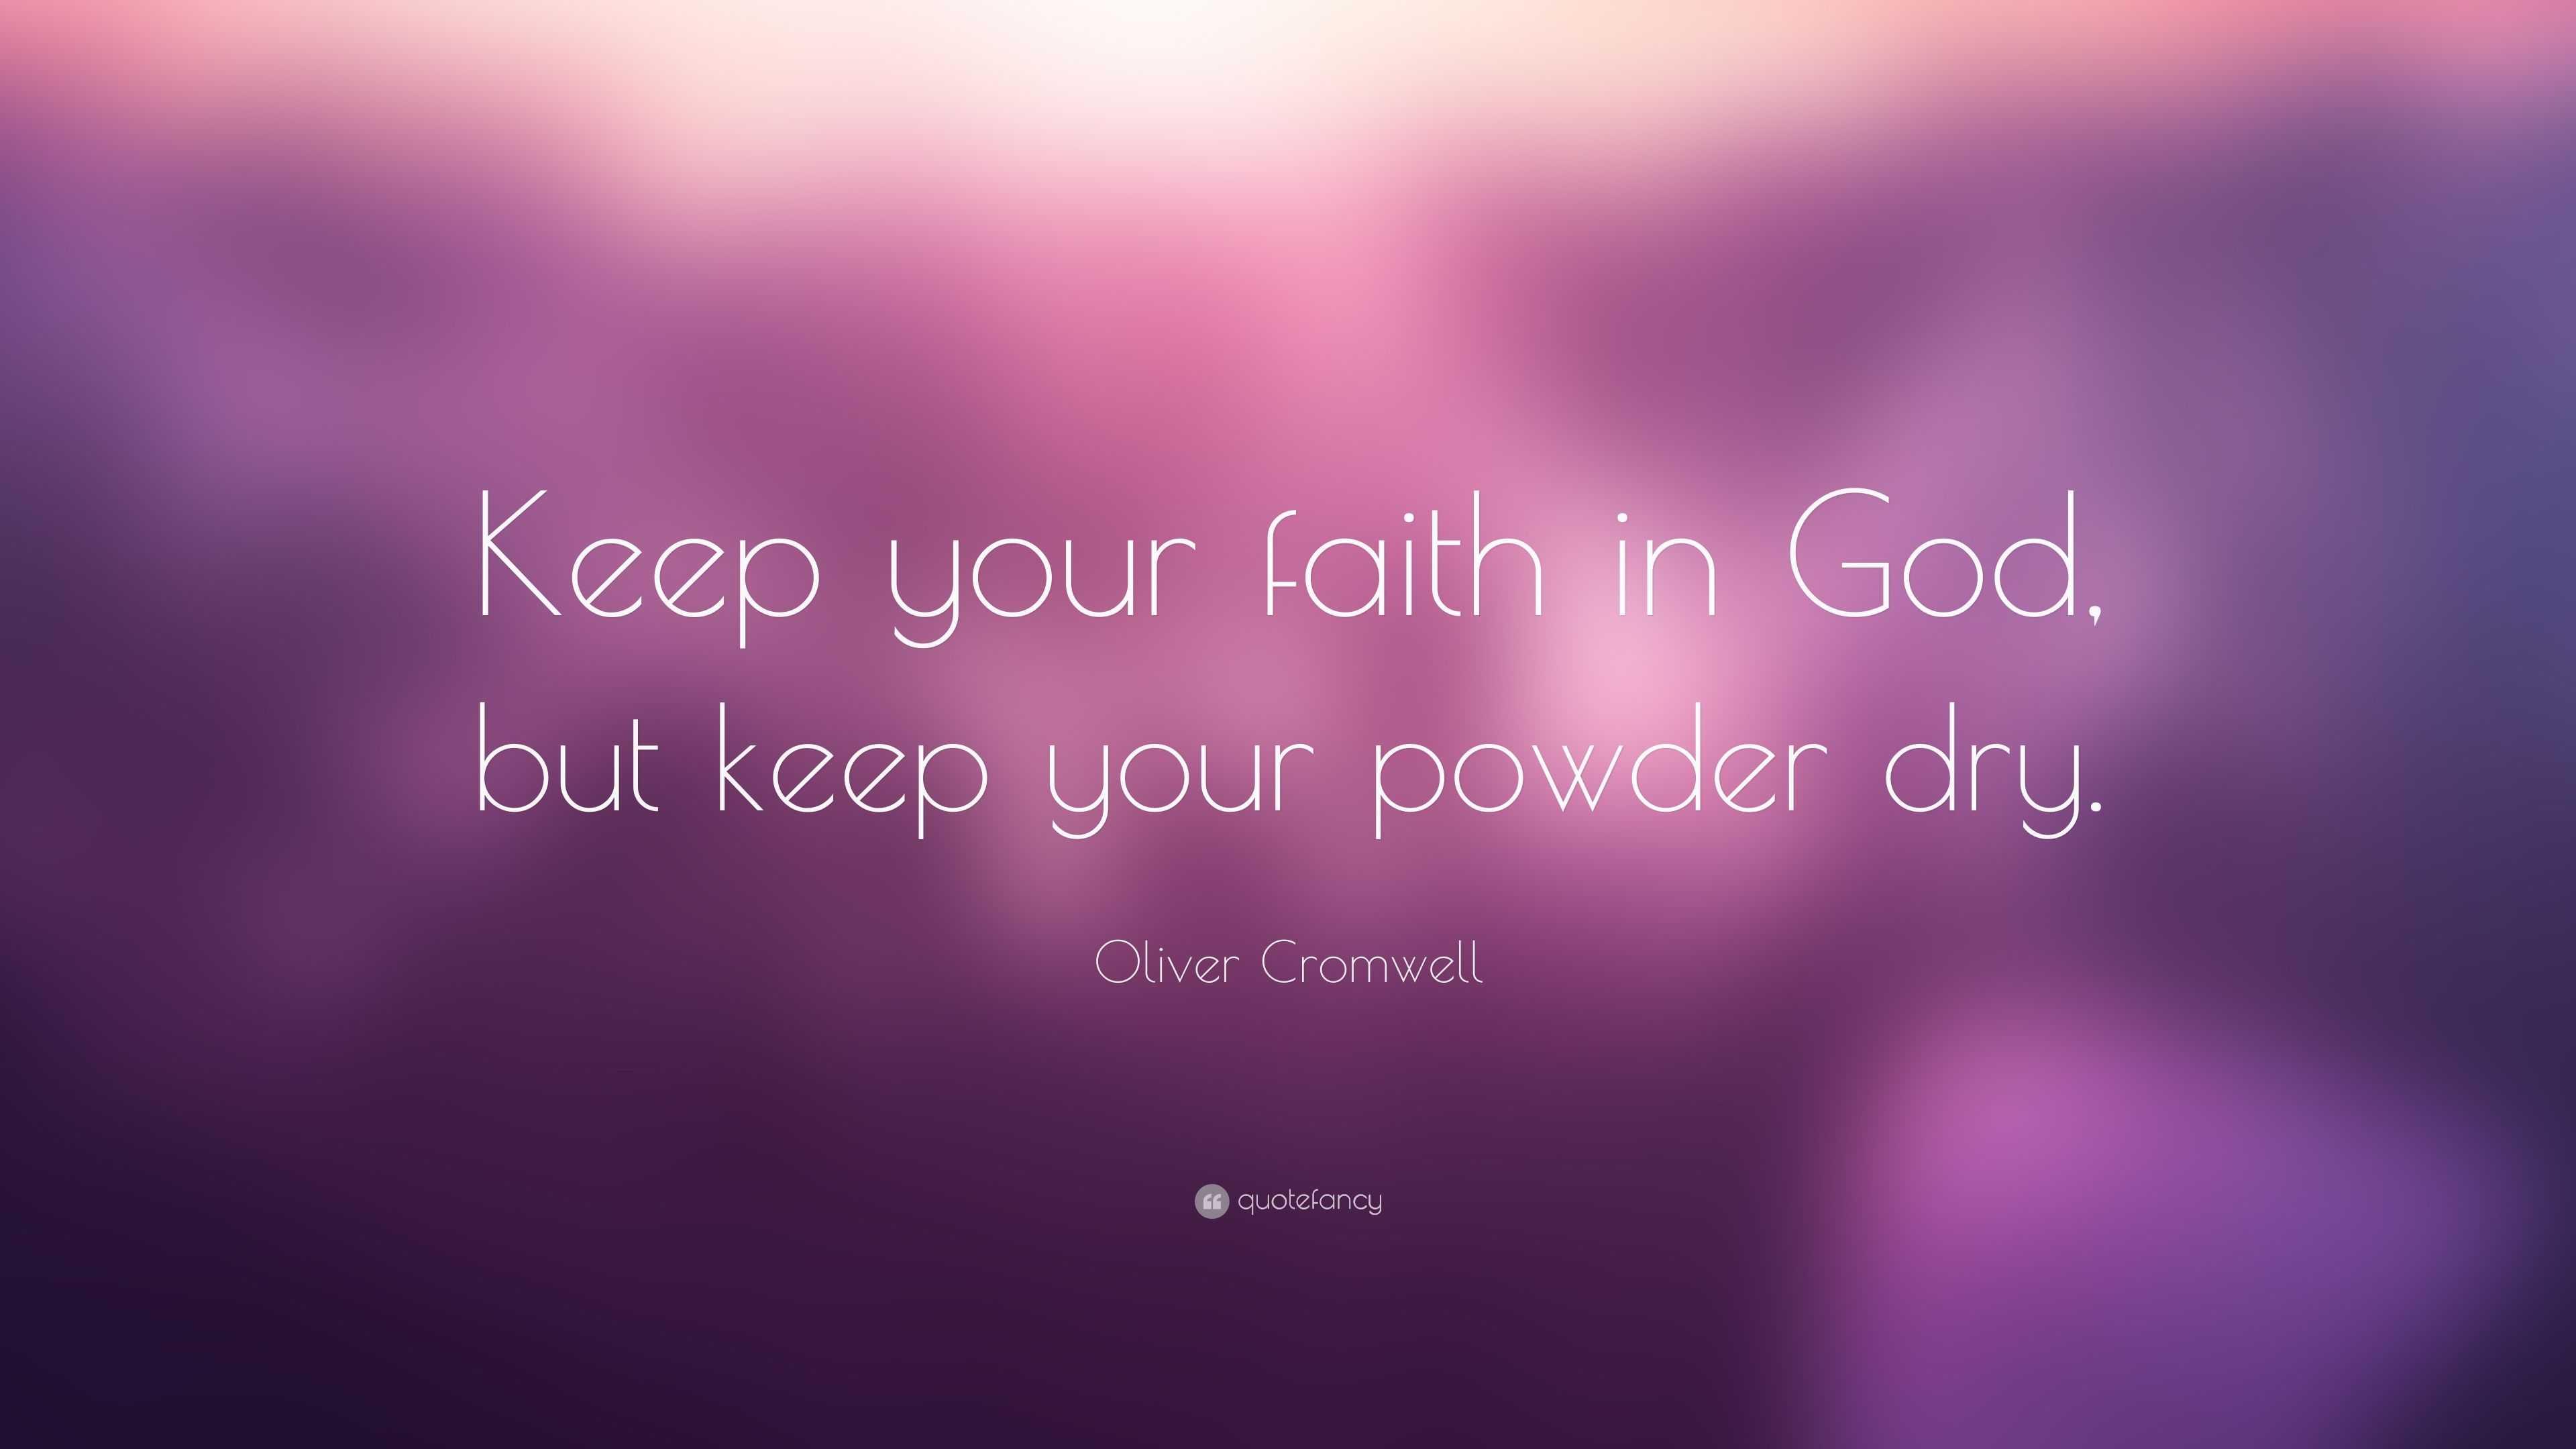 how to keep your faith in god